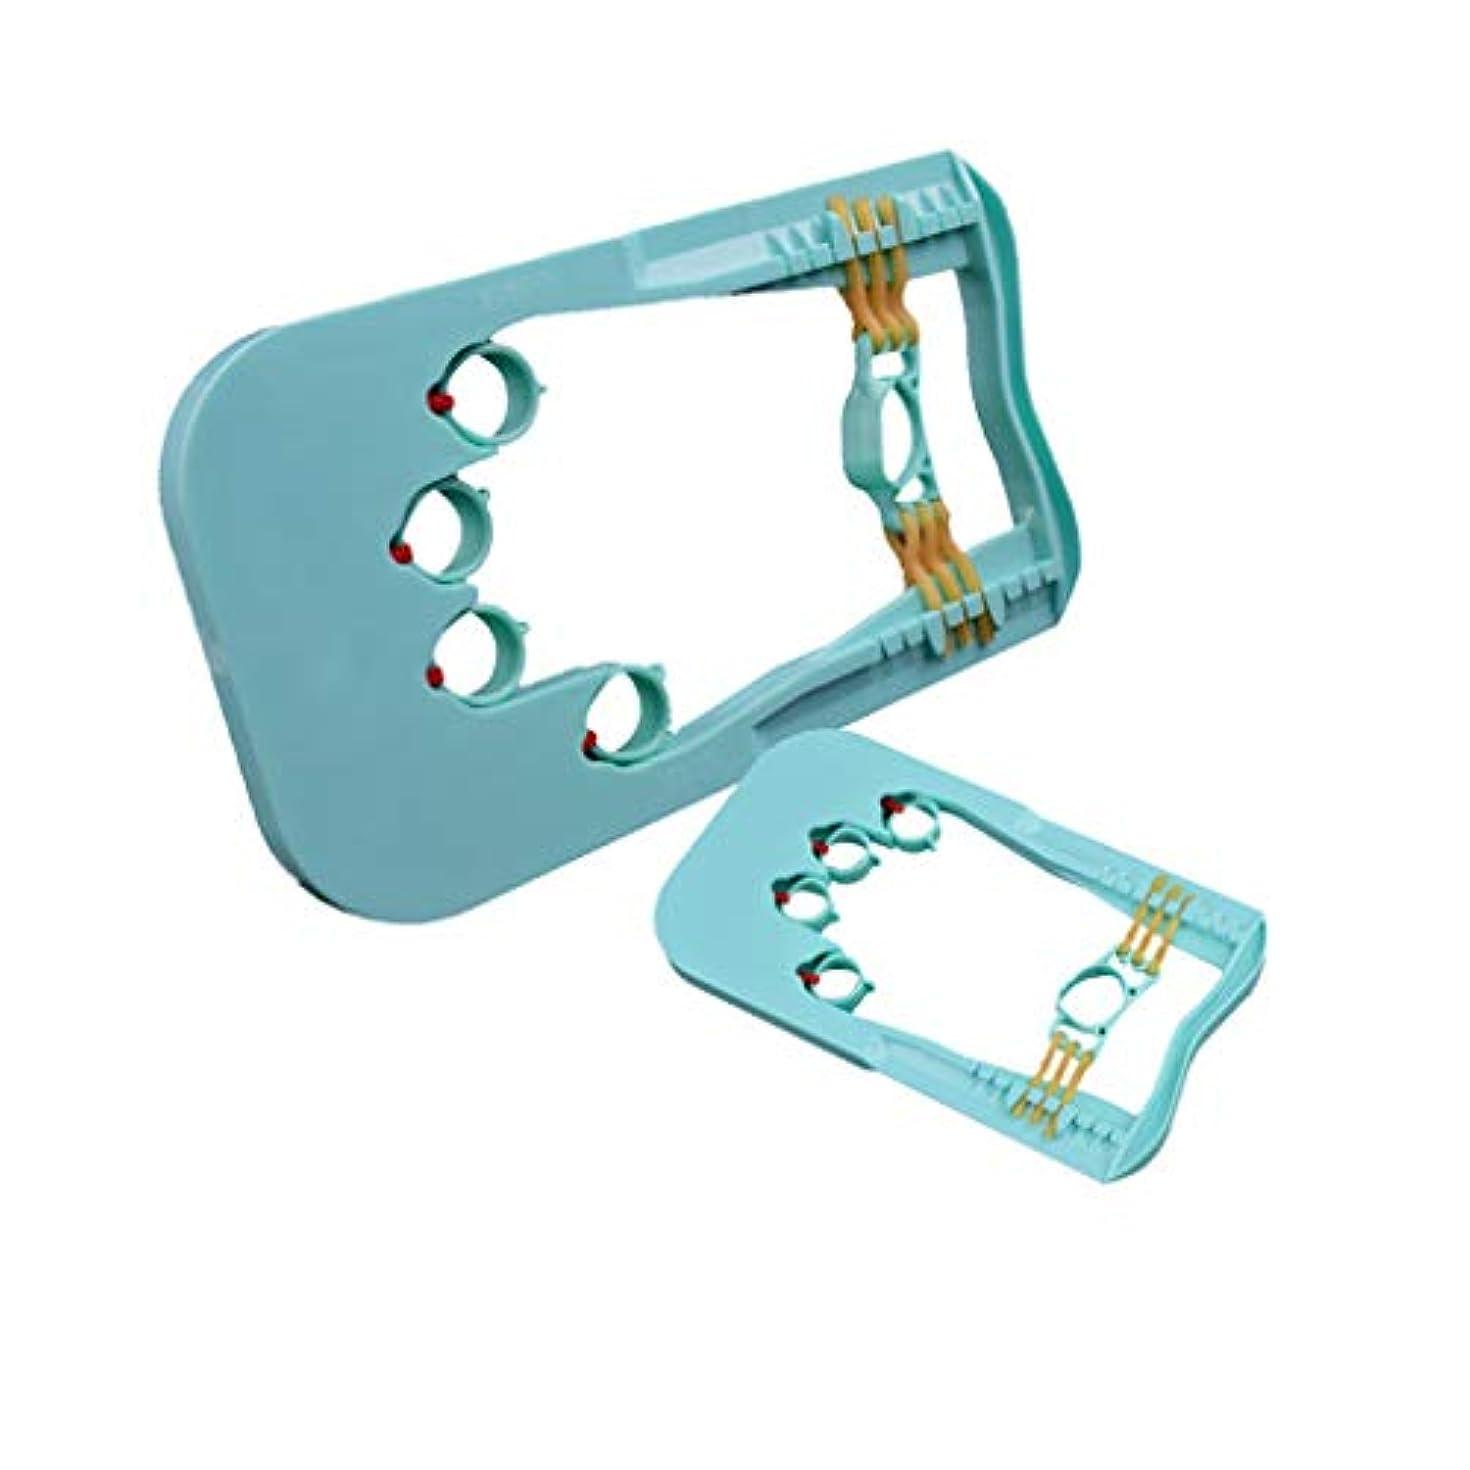 チャーター形成つづり指サポートトレーニングブレースマレットブレーストリガーフィンガー関節炎と靭帯の痛みフィンガーエクステンションスプリント